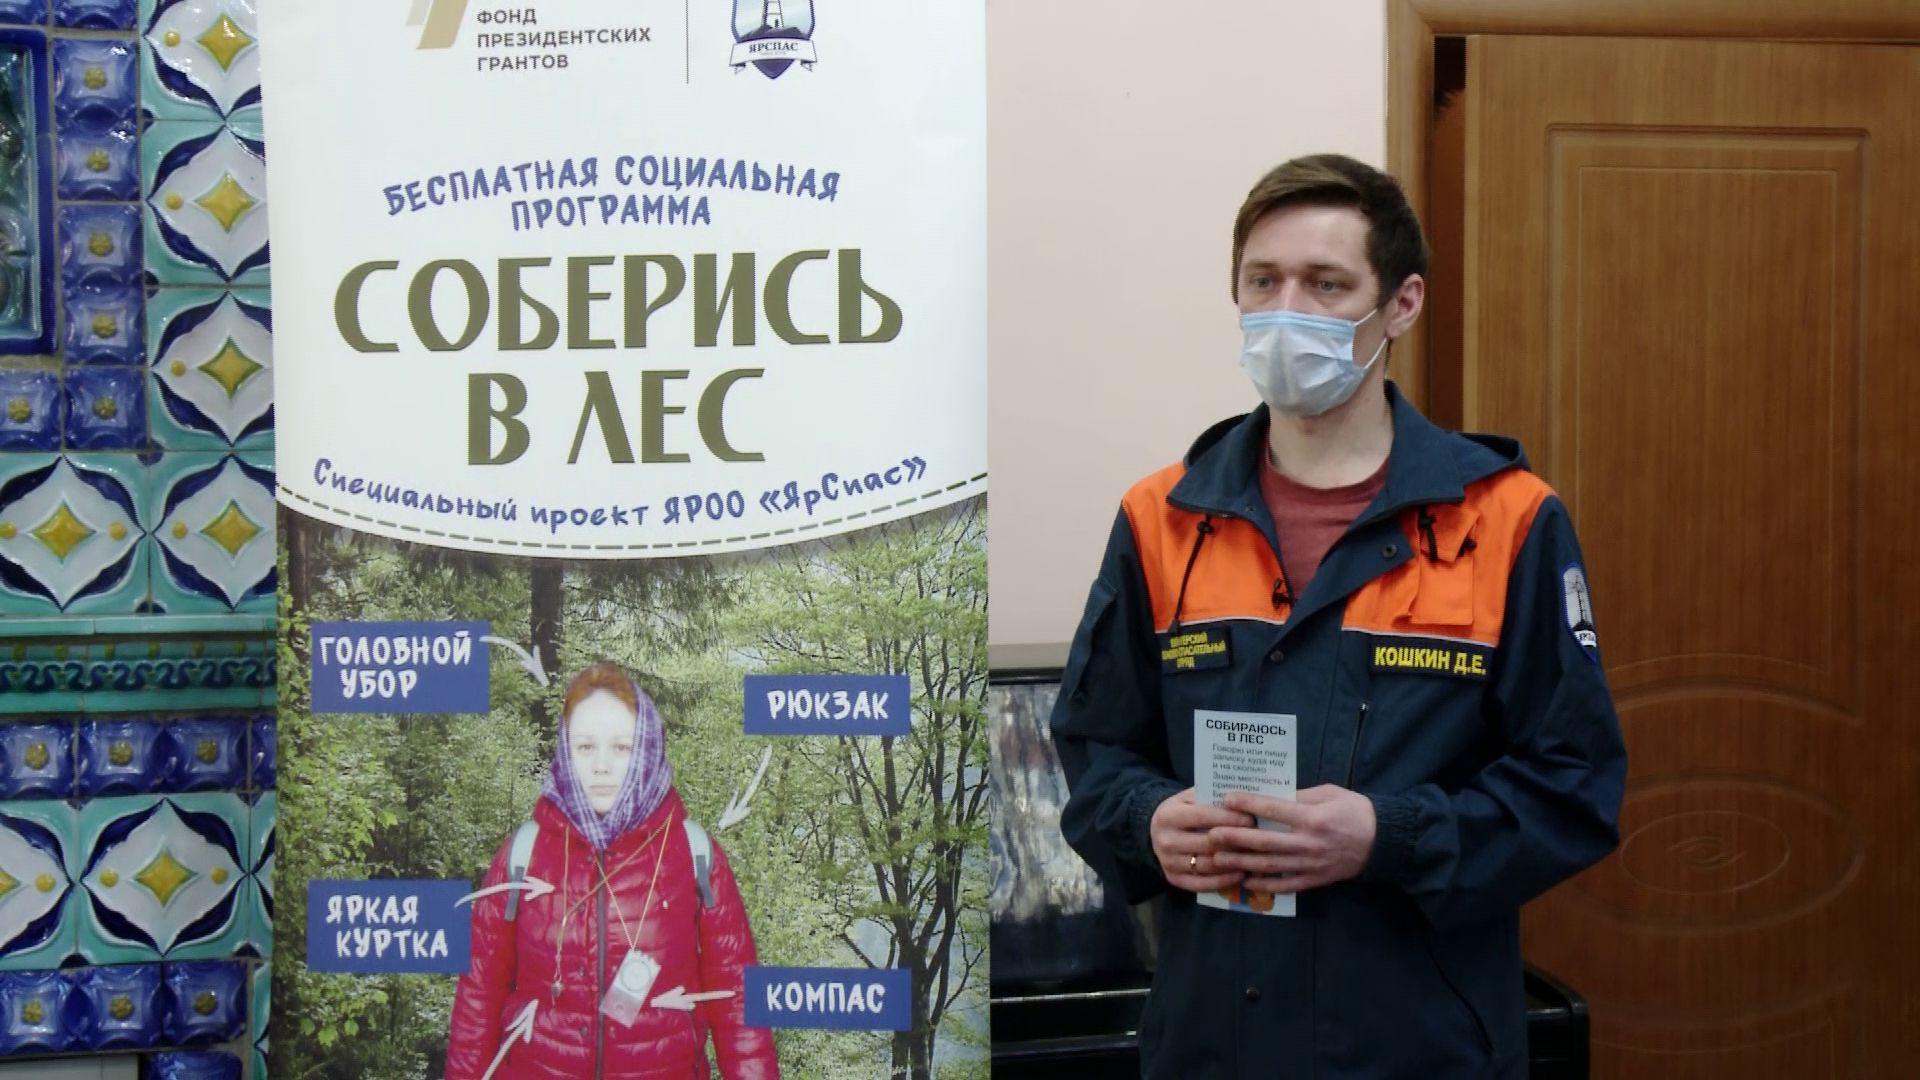 В Ярославле есть «Кот», который спасает людей в лесу